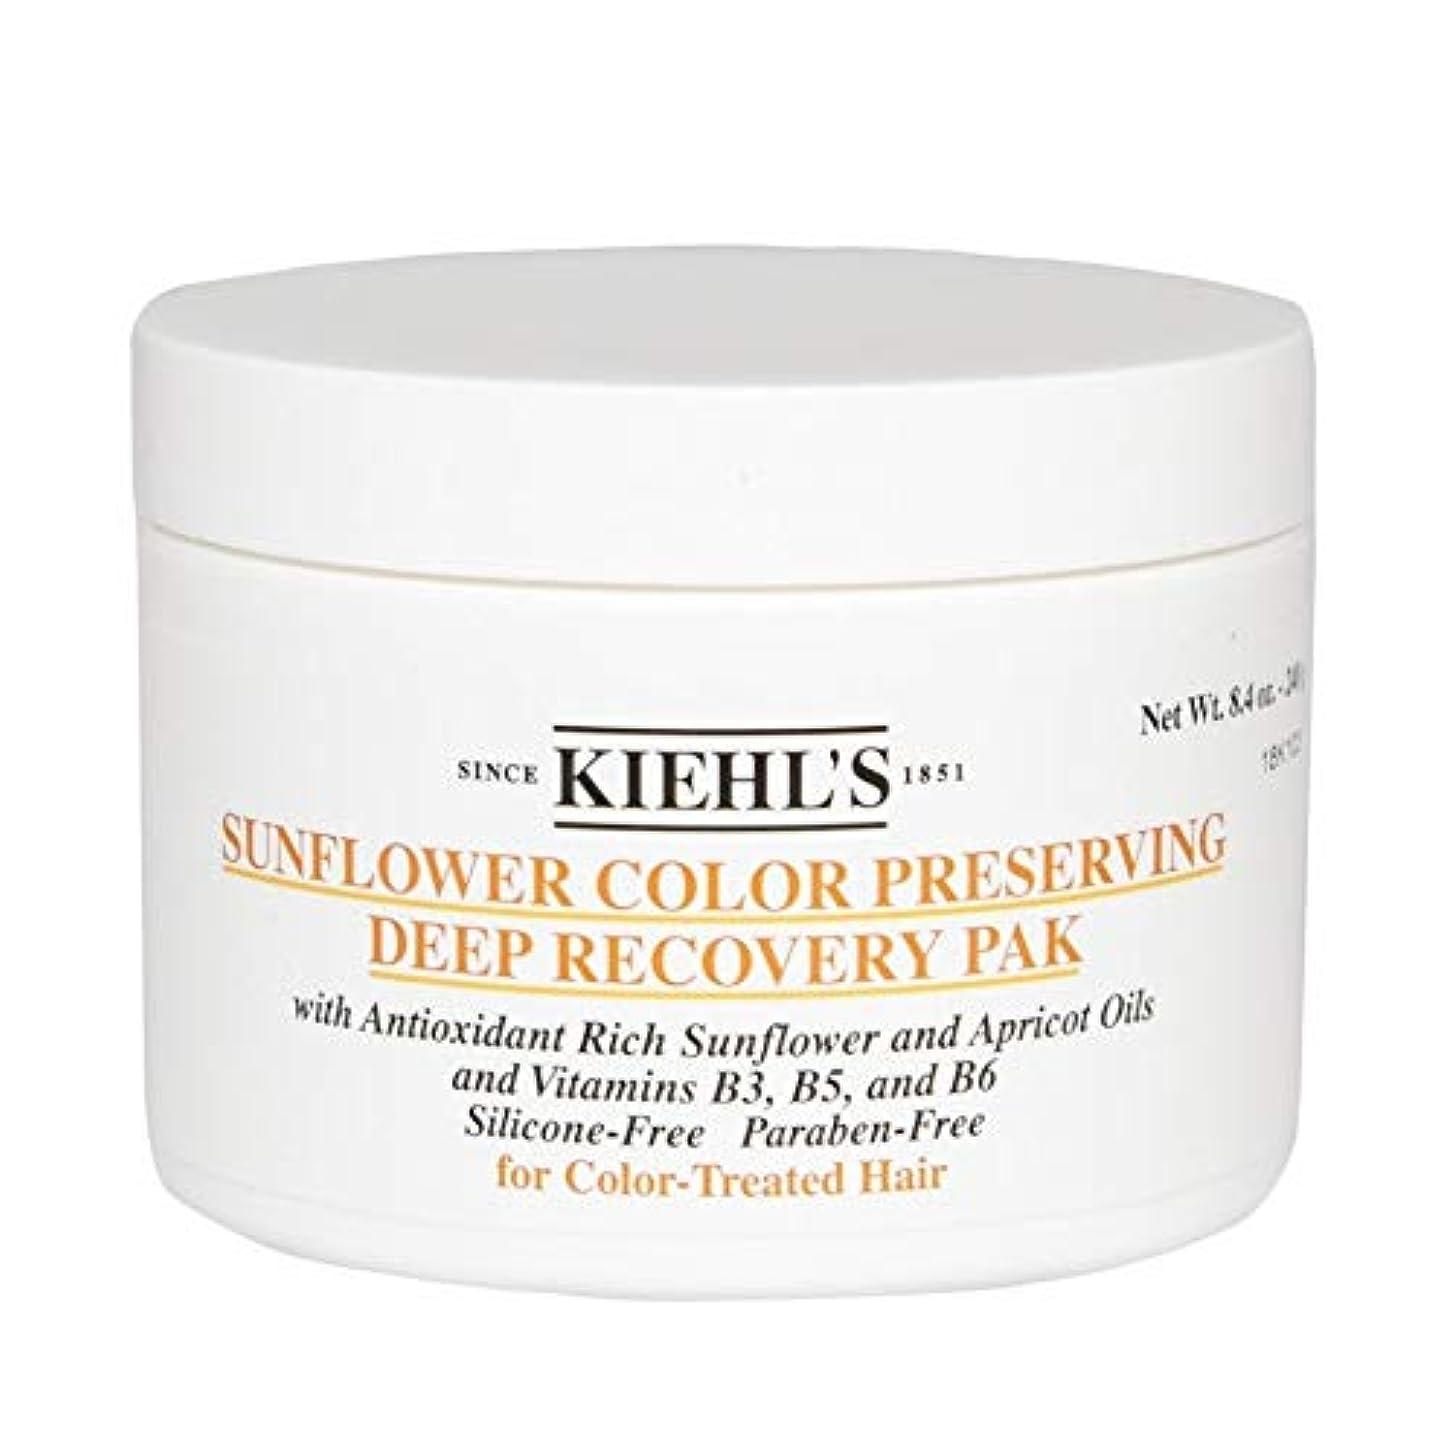 避けるペイン全滅させる[Kiehl's ] キールズひまわり色保存深い回復Pak 250グラム - Kiehl's Sunflower Colour Preserving Deep Recovery Pak 250g [並行輸入品]